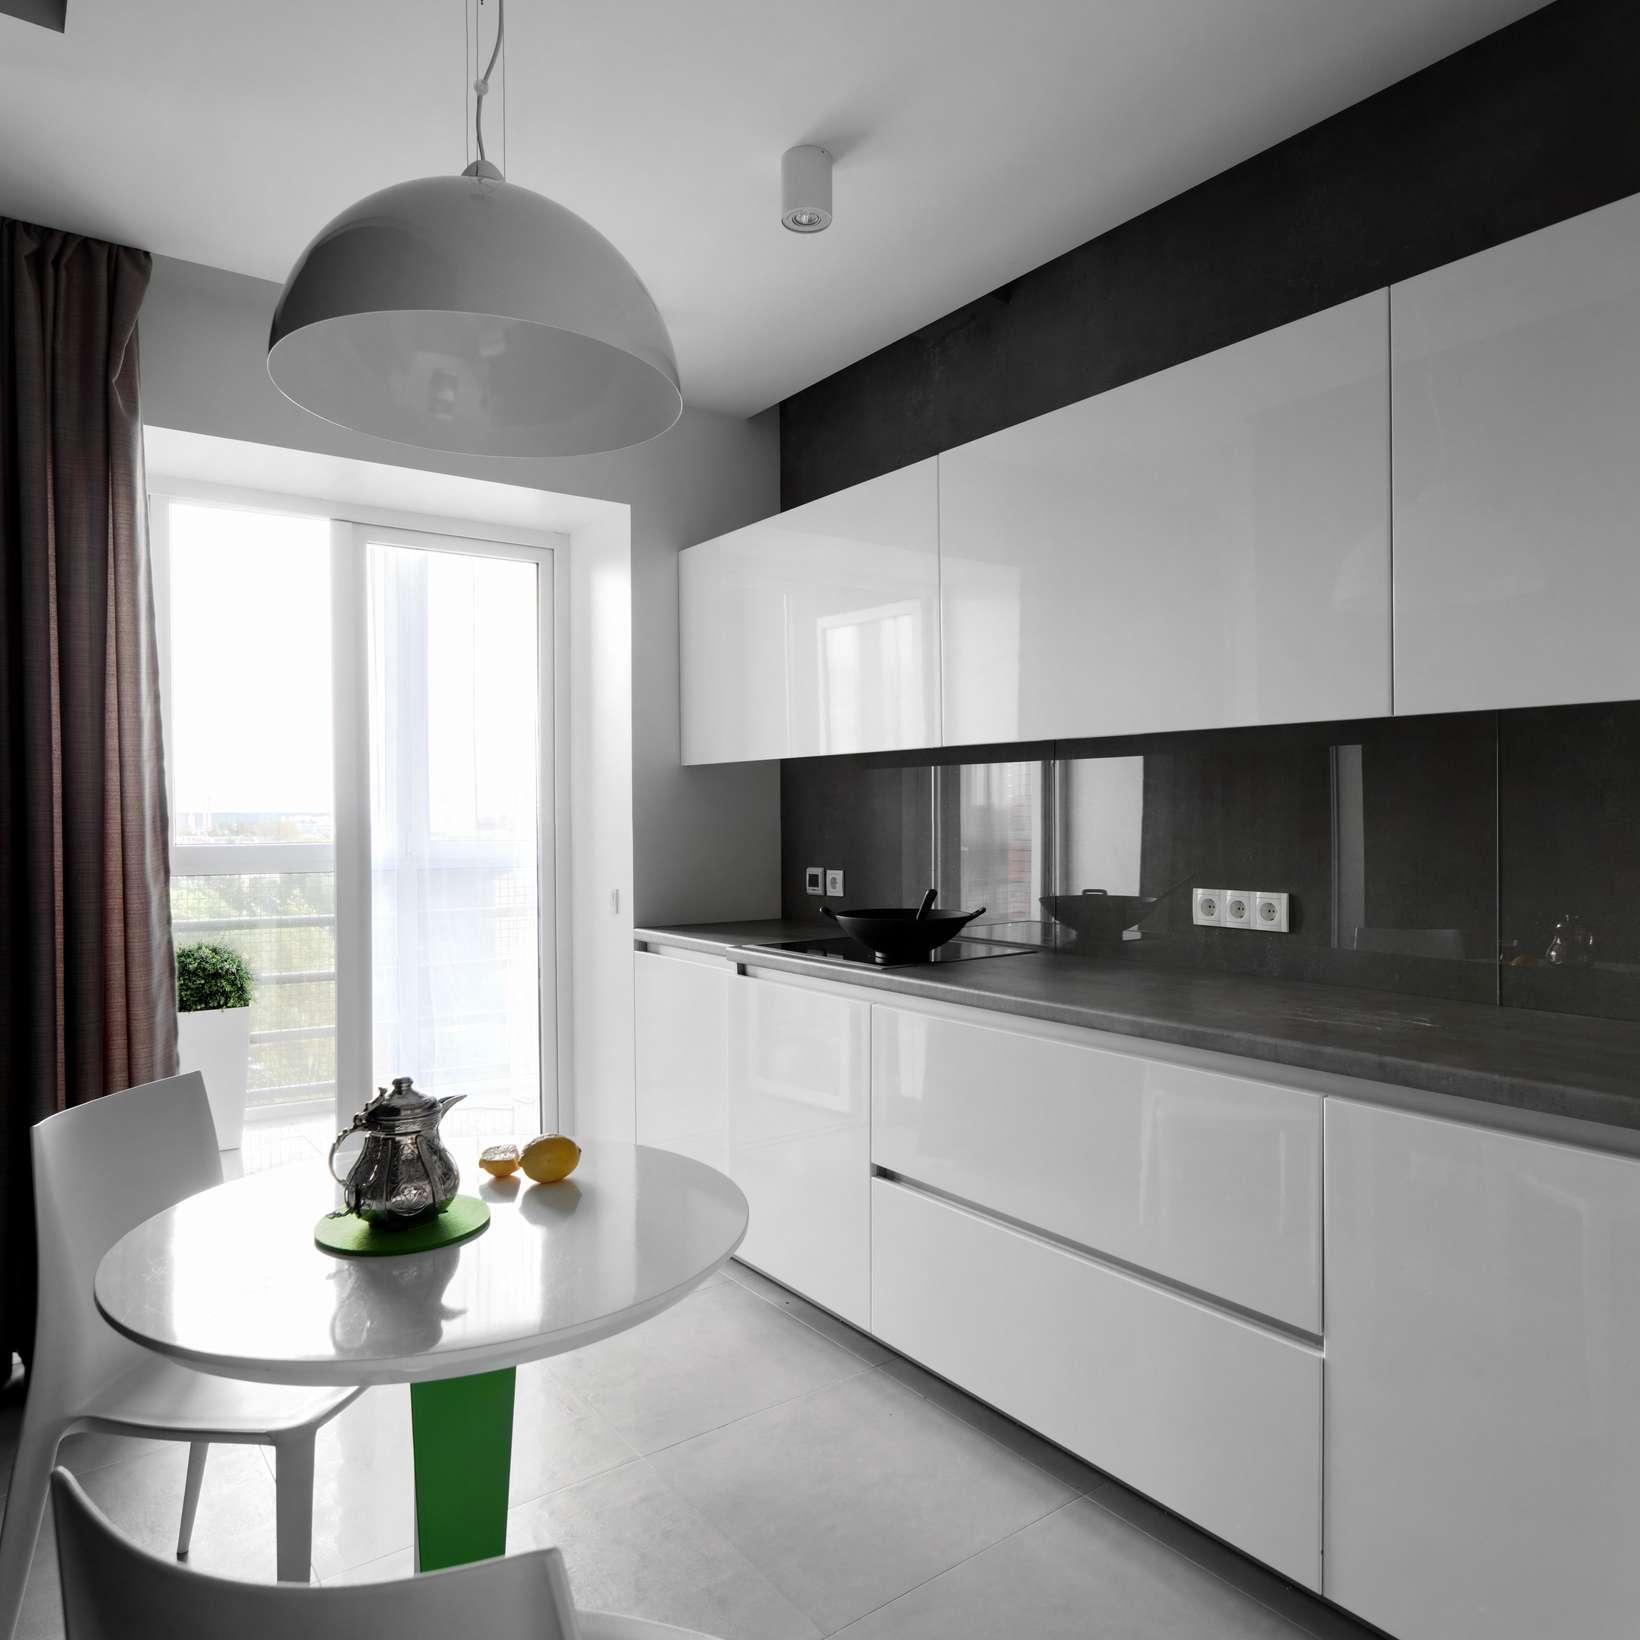 Reflective kitchen backsplash